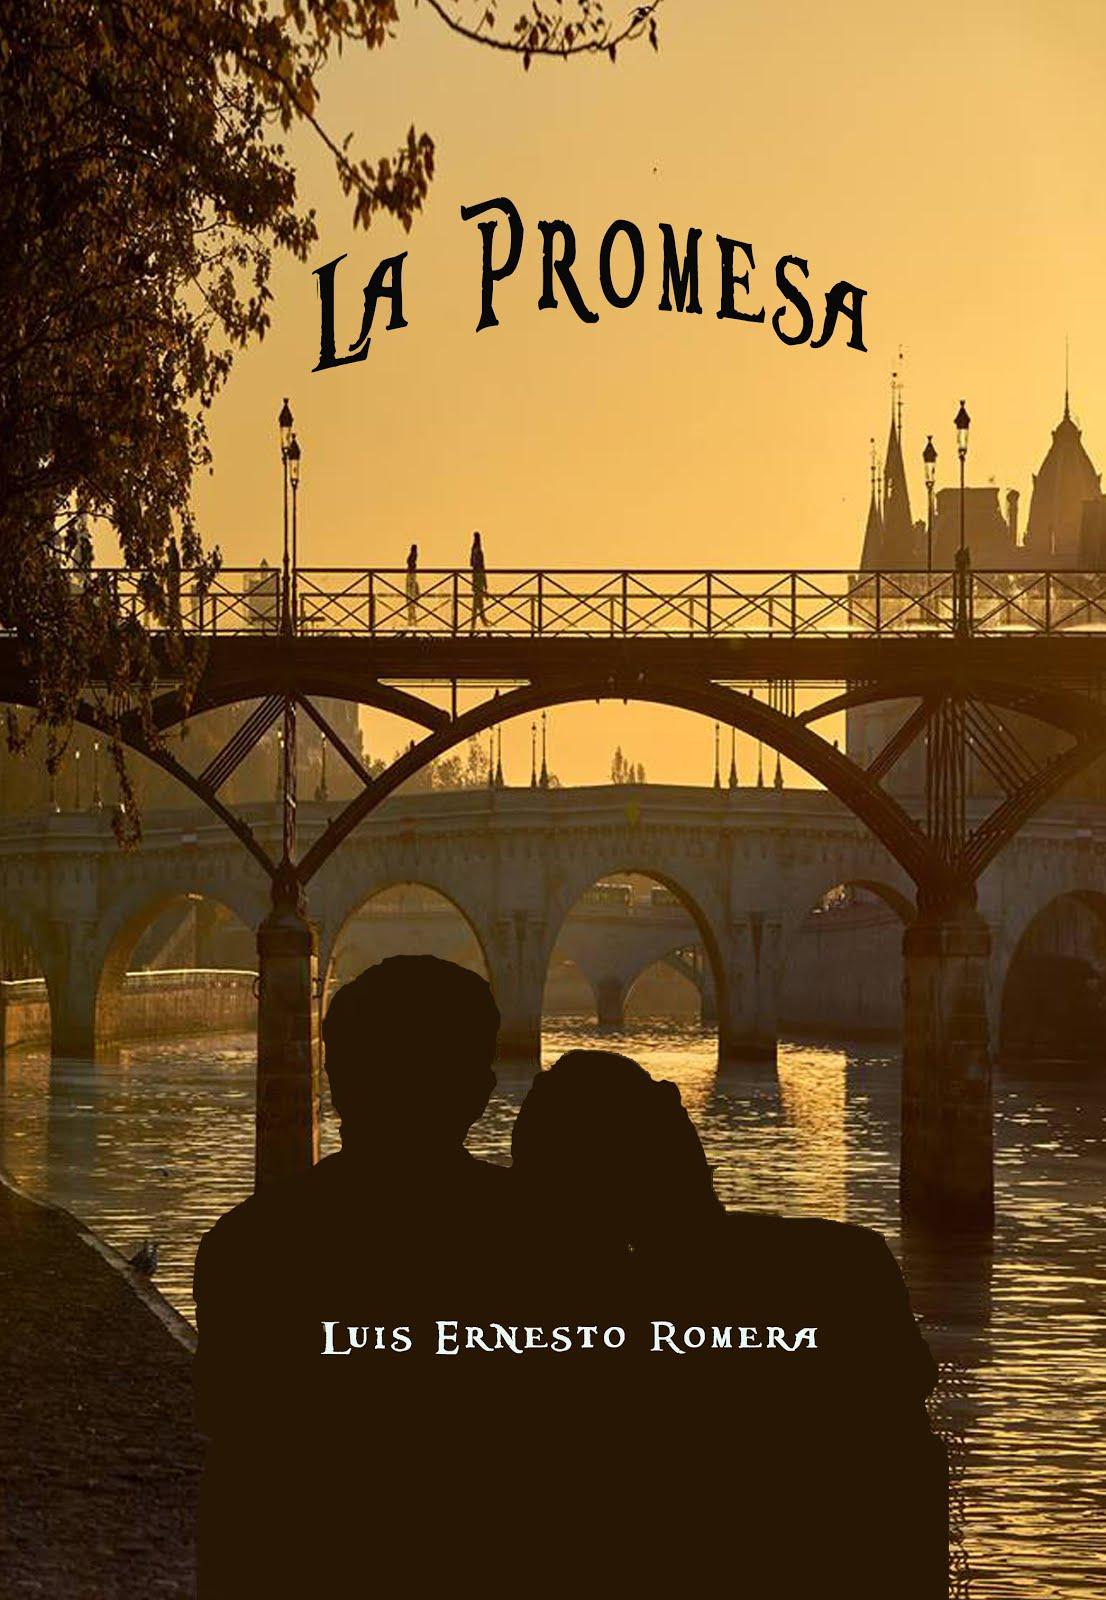 La Promesa - Nueva novela del autor